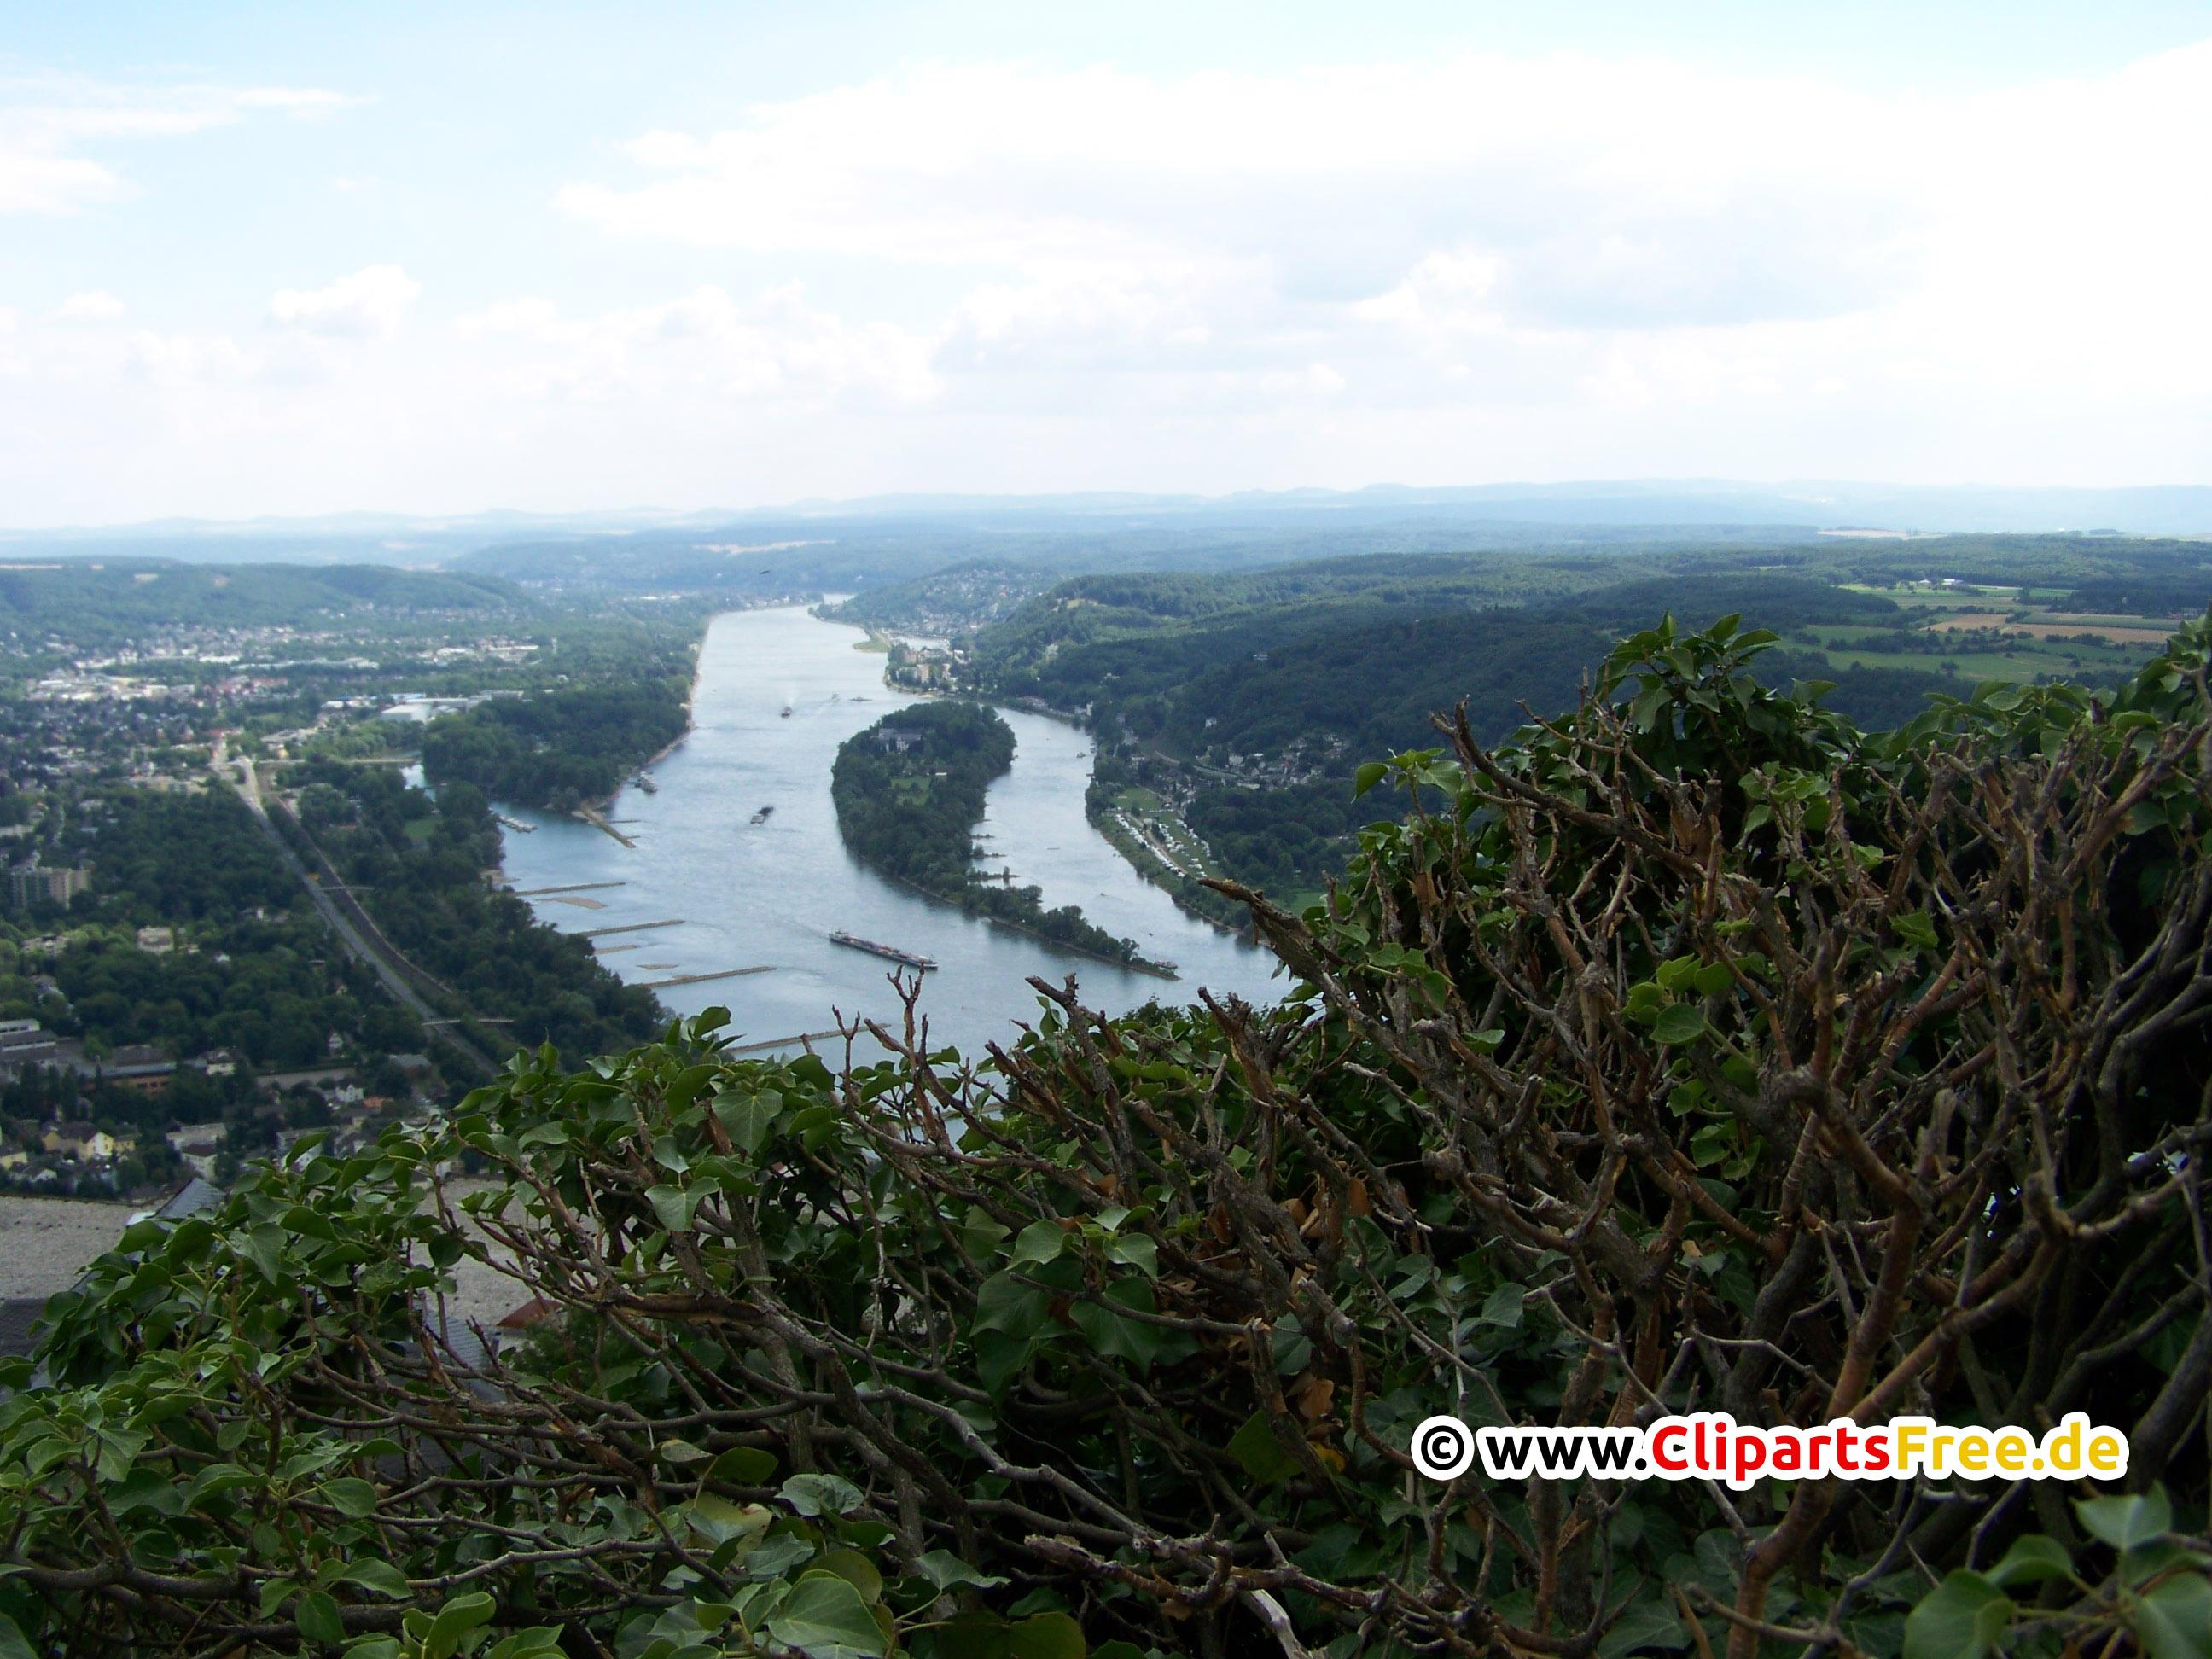 Rhein Foto in Hochauflösung kostenlos